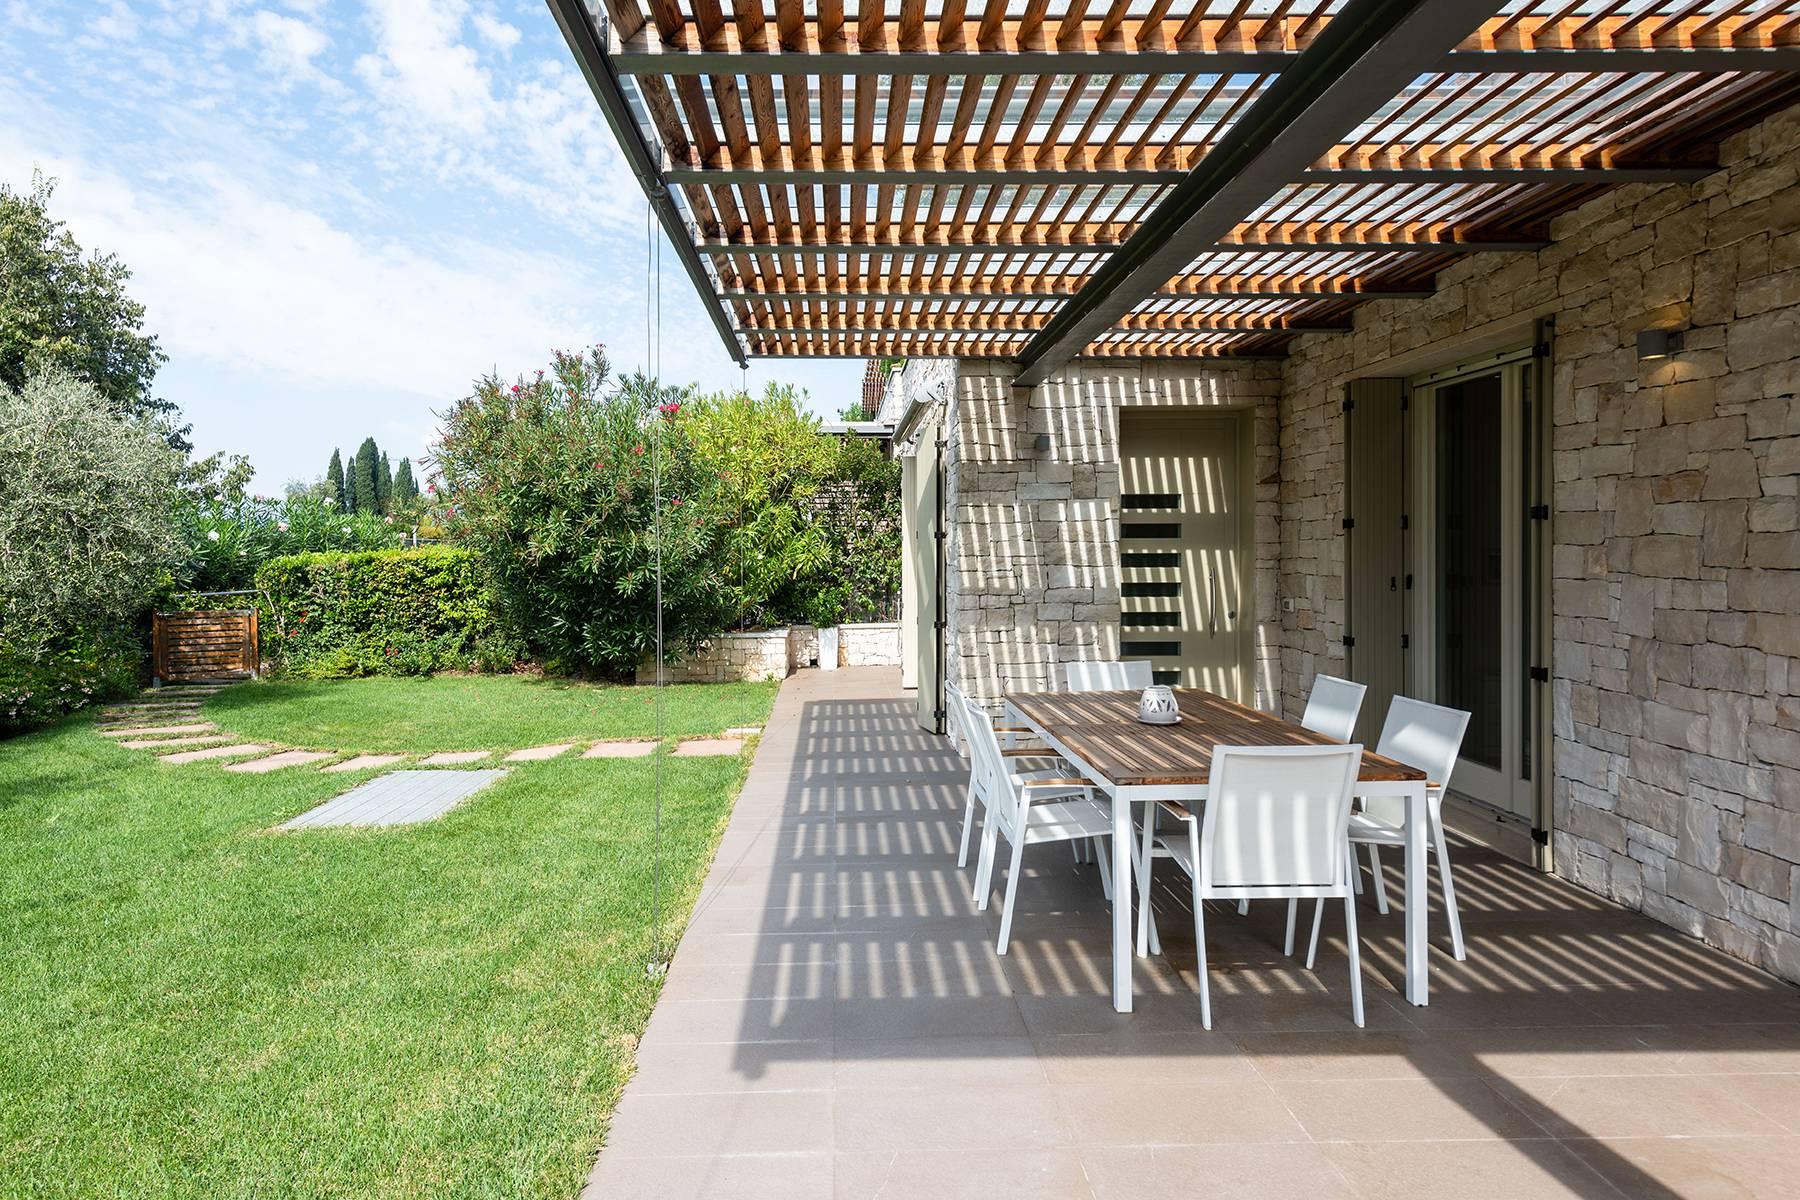 Villa in Vendita a Bardolino: 5 locali, 230 mq - Foto 13